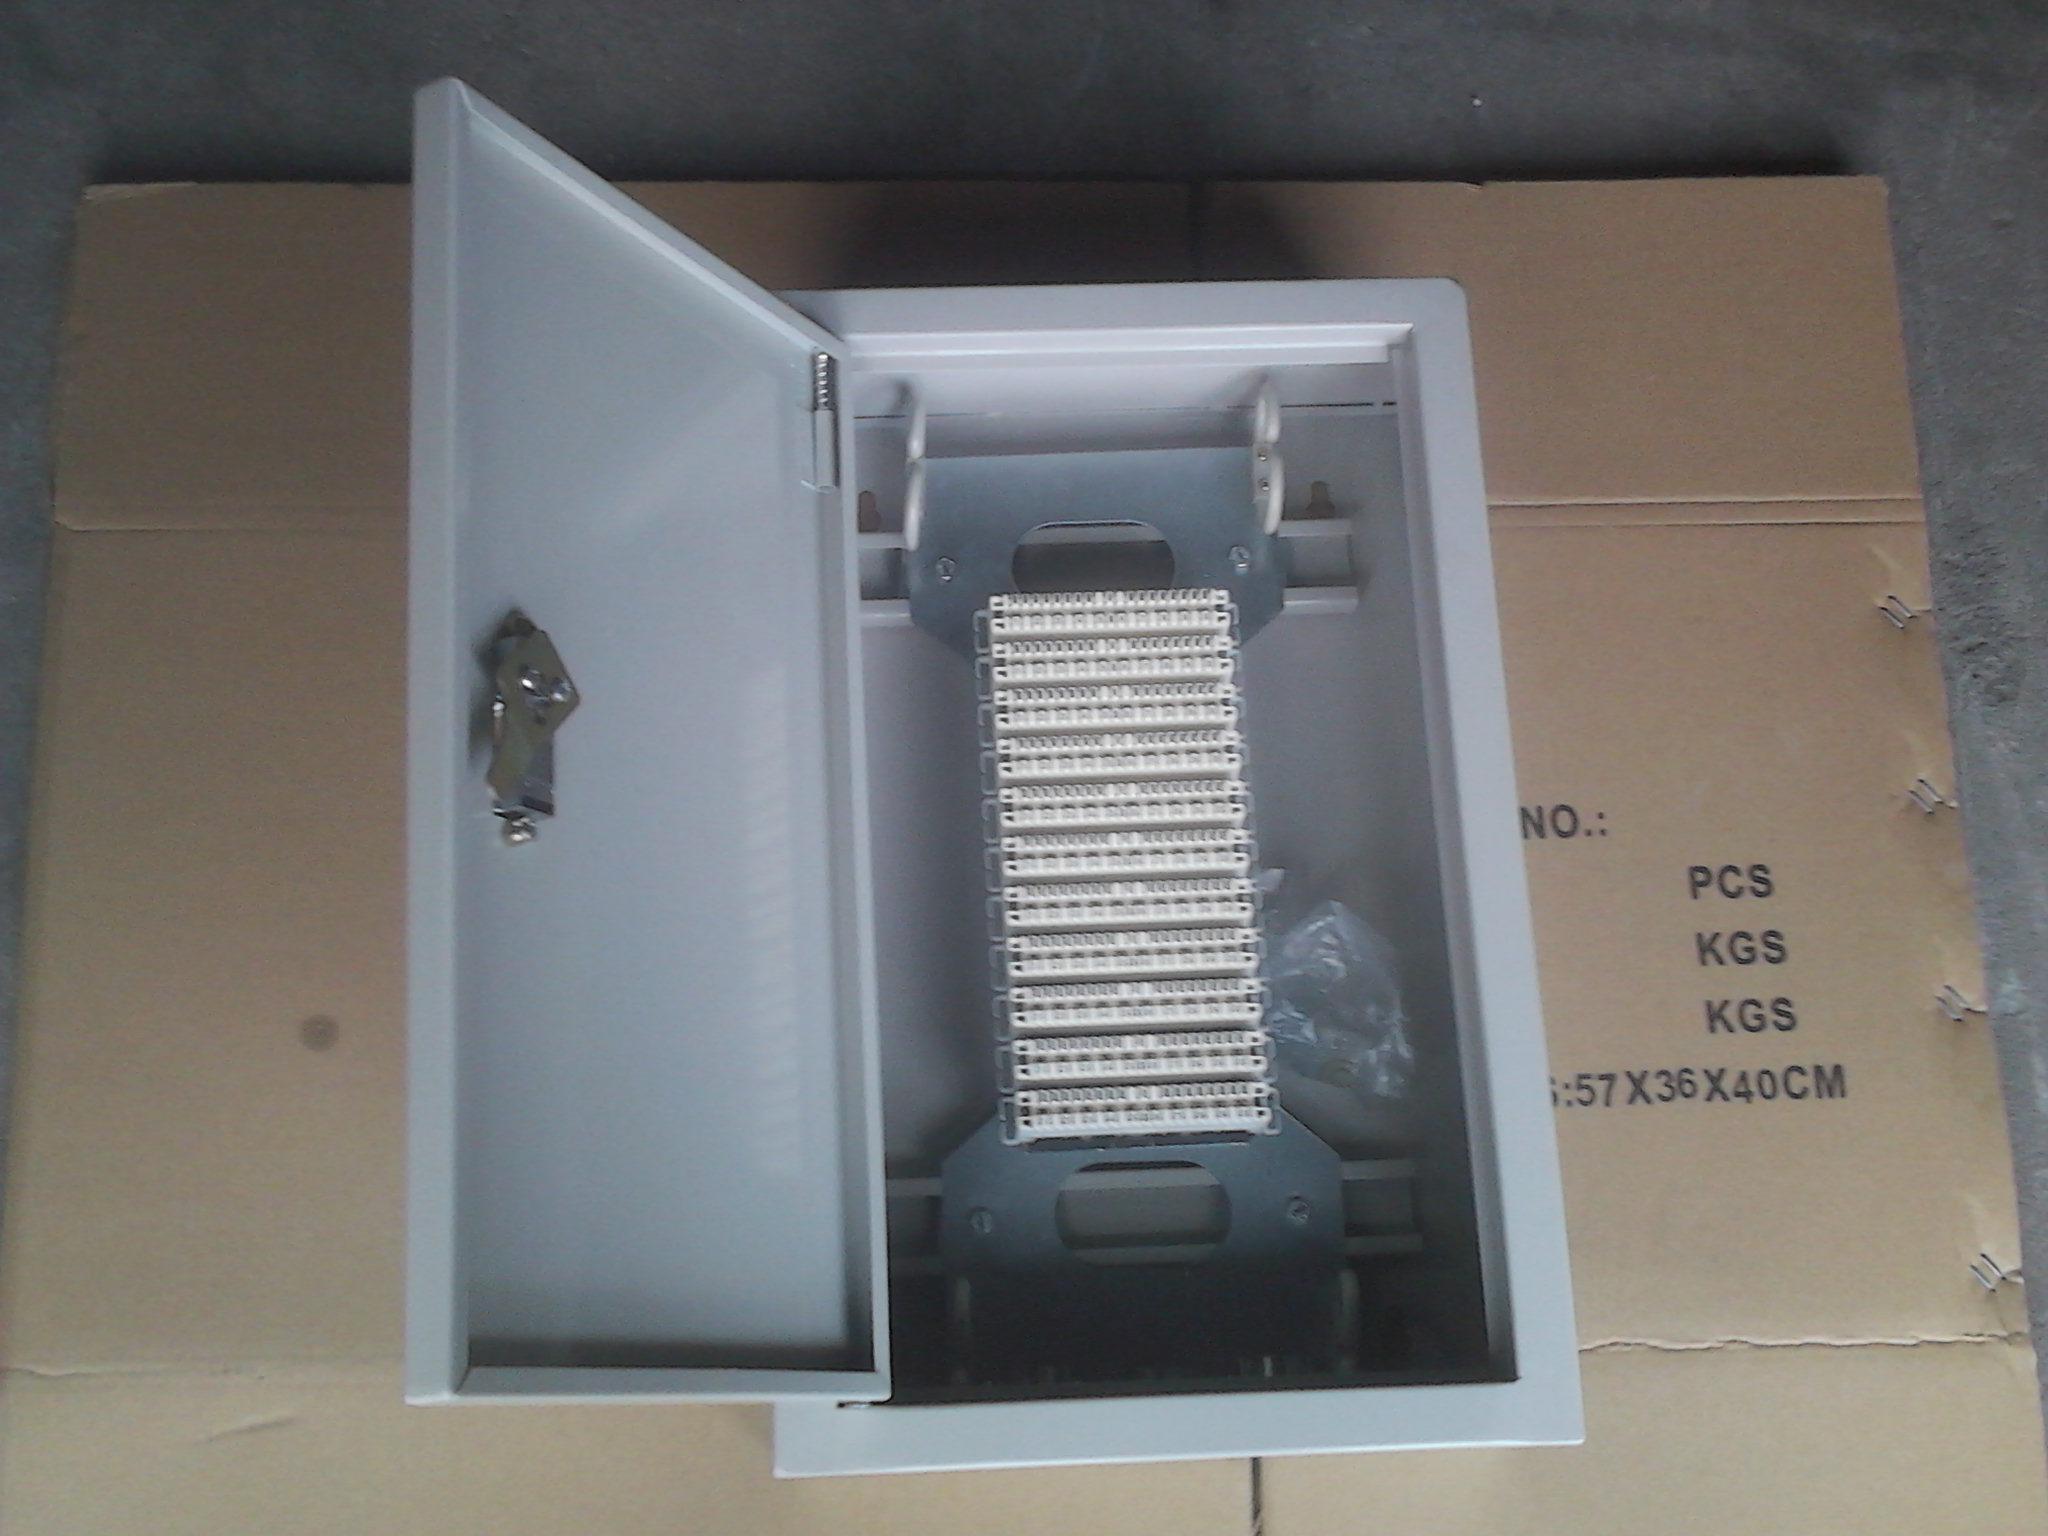 20对电话分线盒供应--20对电话分线盒安装配置